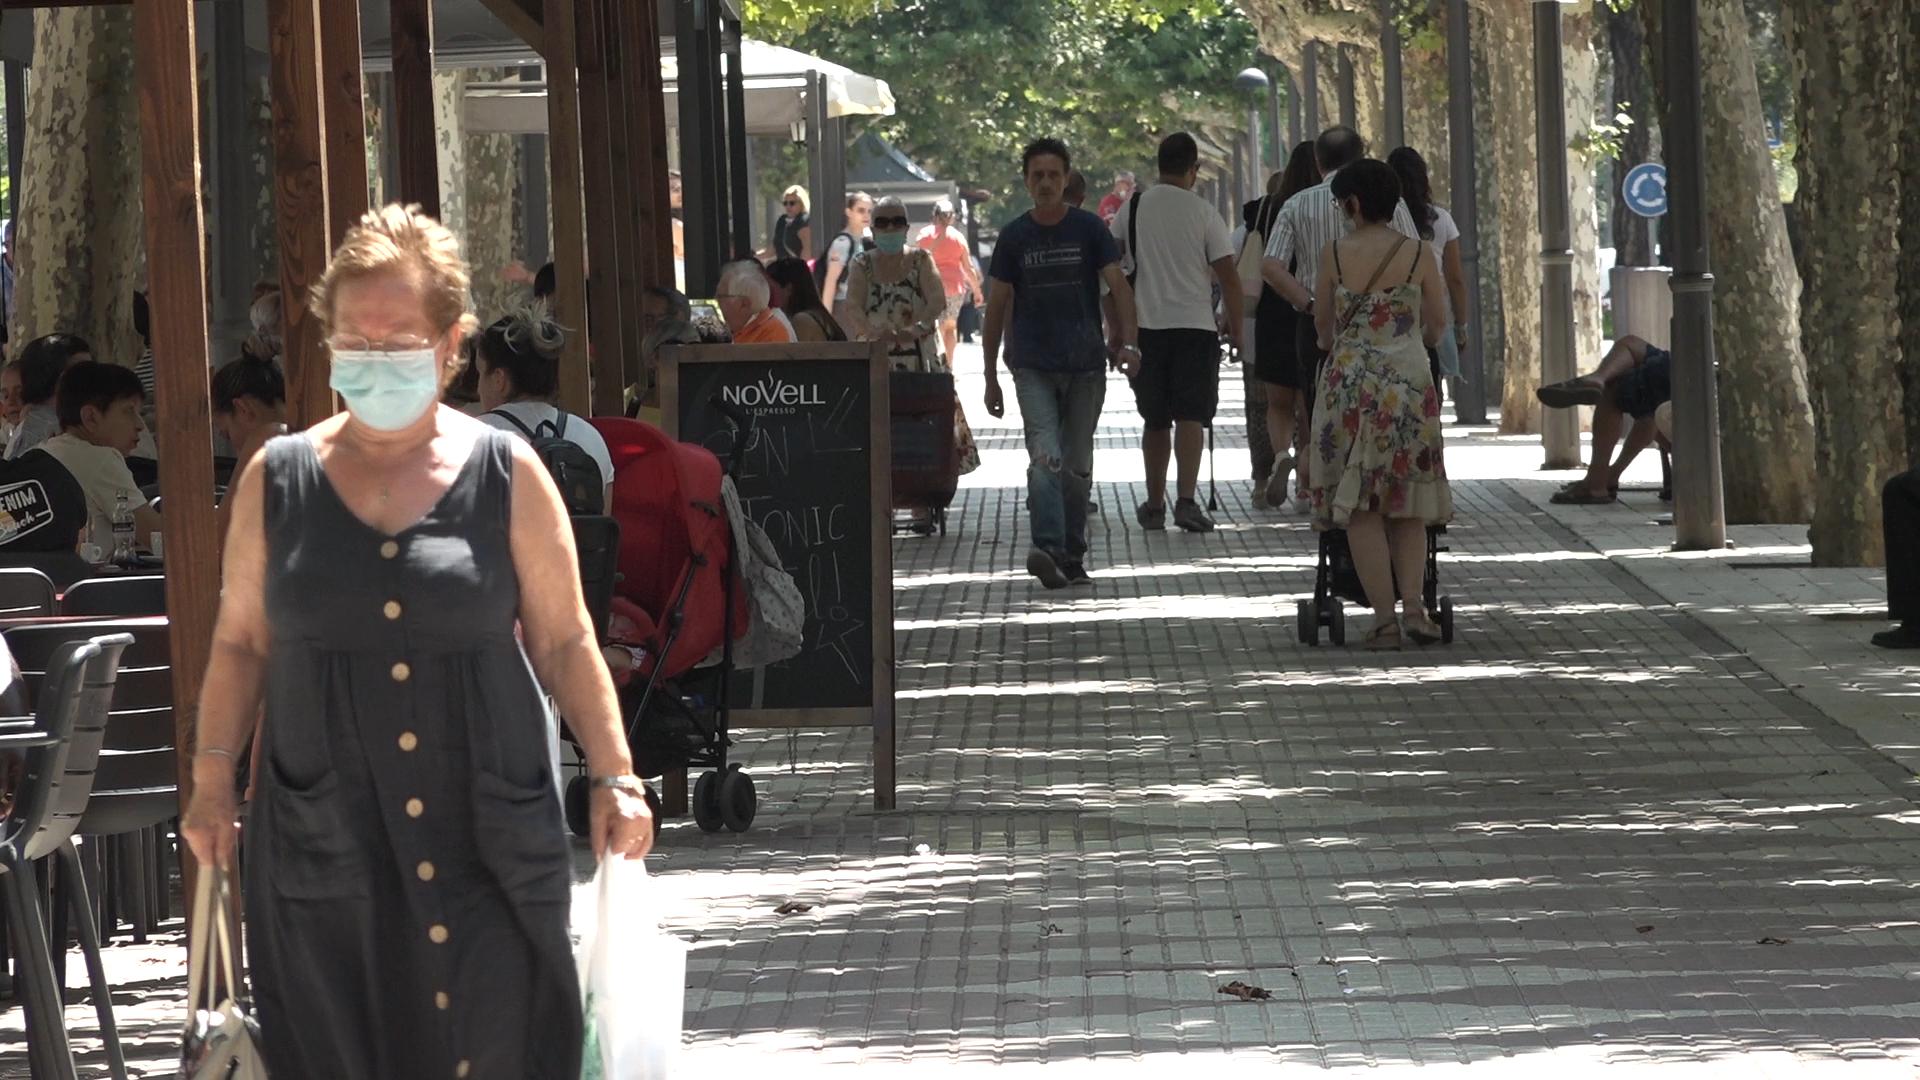 OPINIÓ: Reaccions a Balaguer sobre el toc de queda nocturn